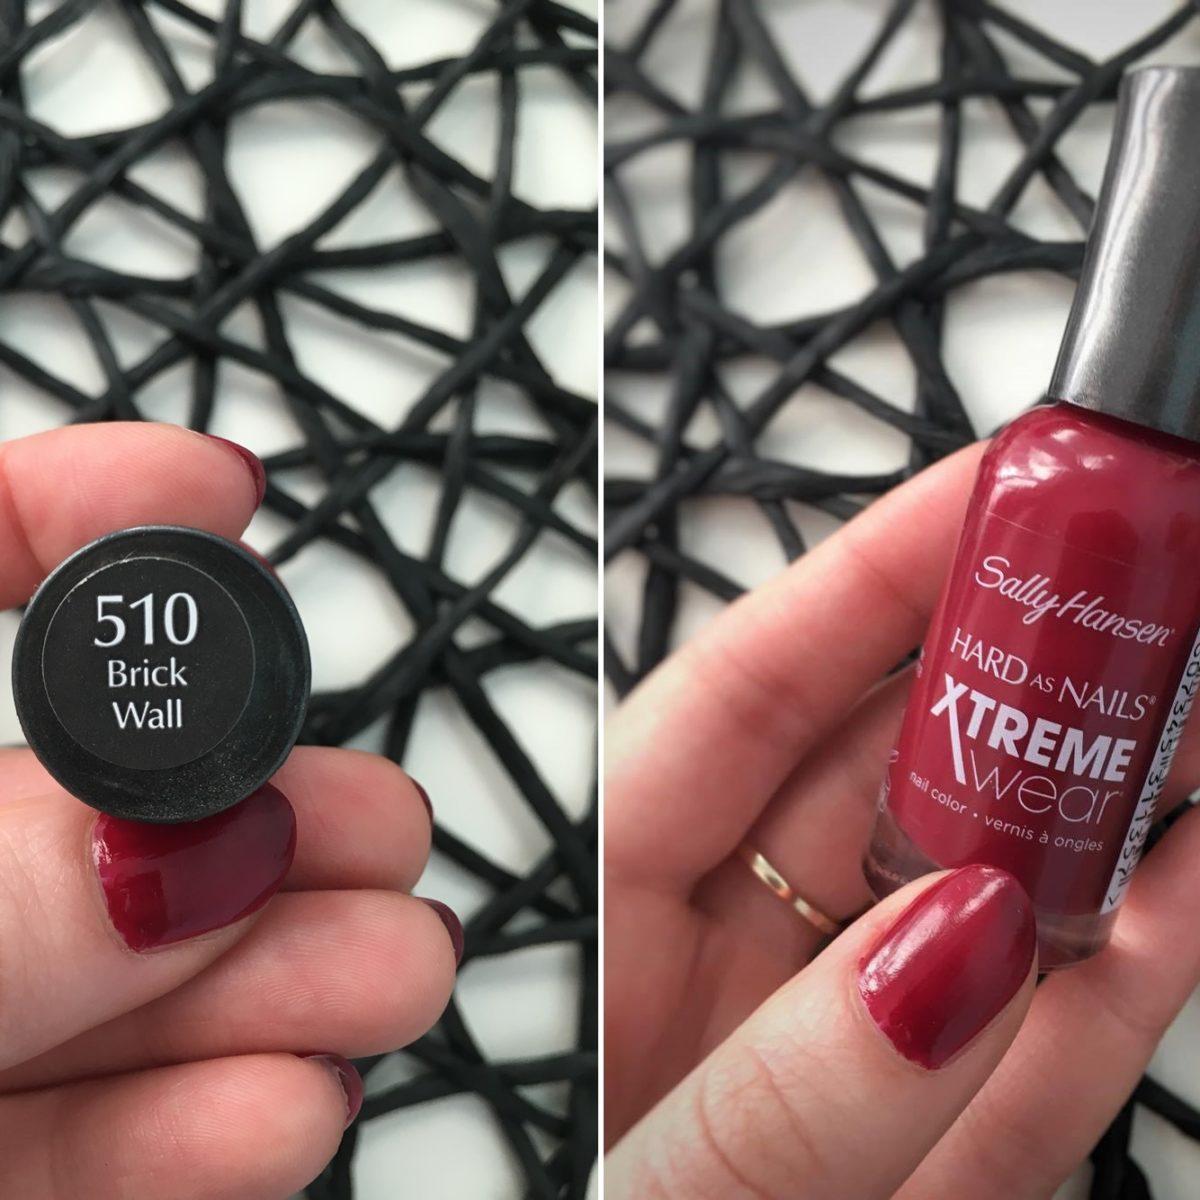 Sally Hansen Xtreme wear hard as nails annemarie